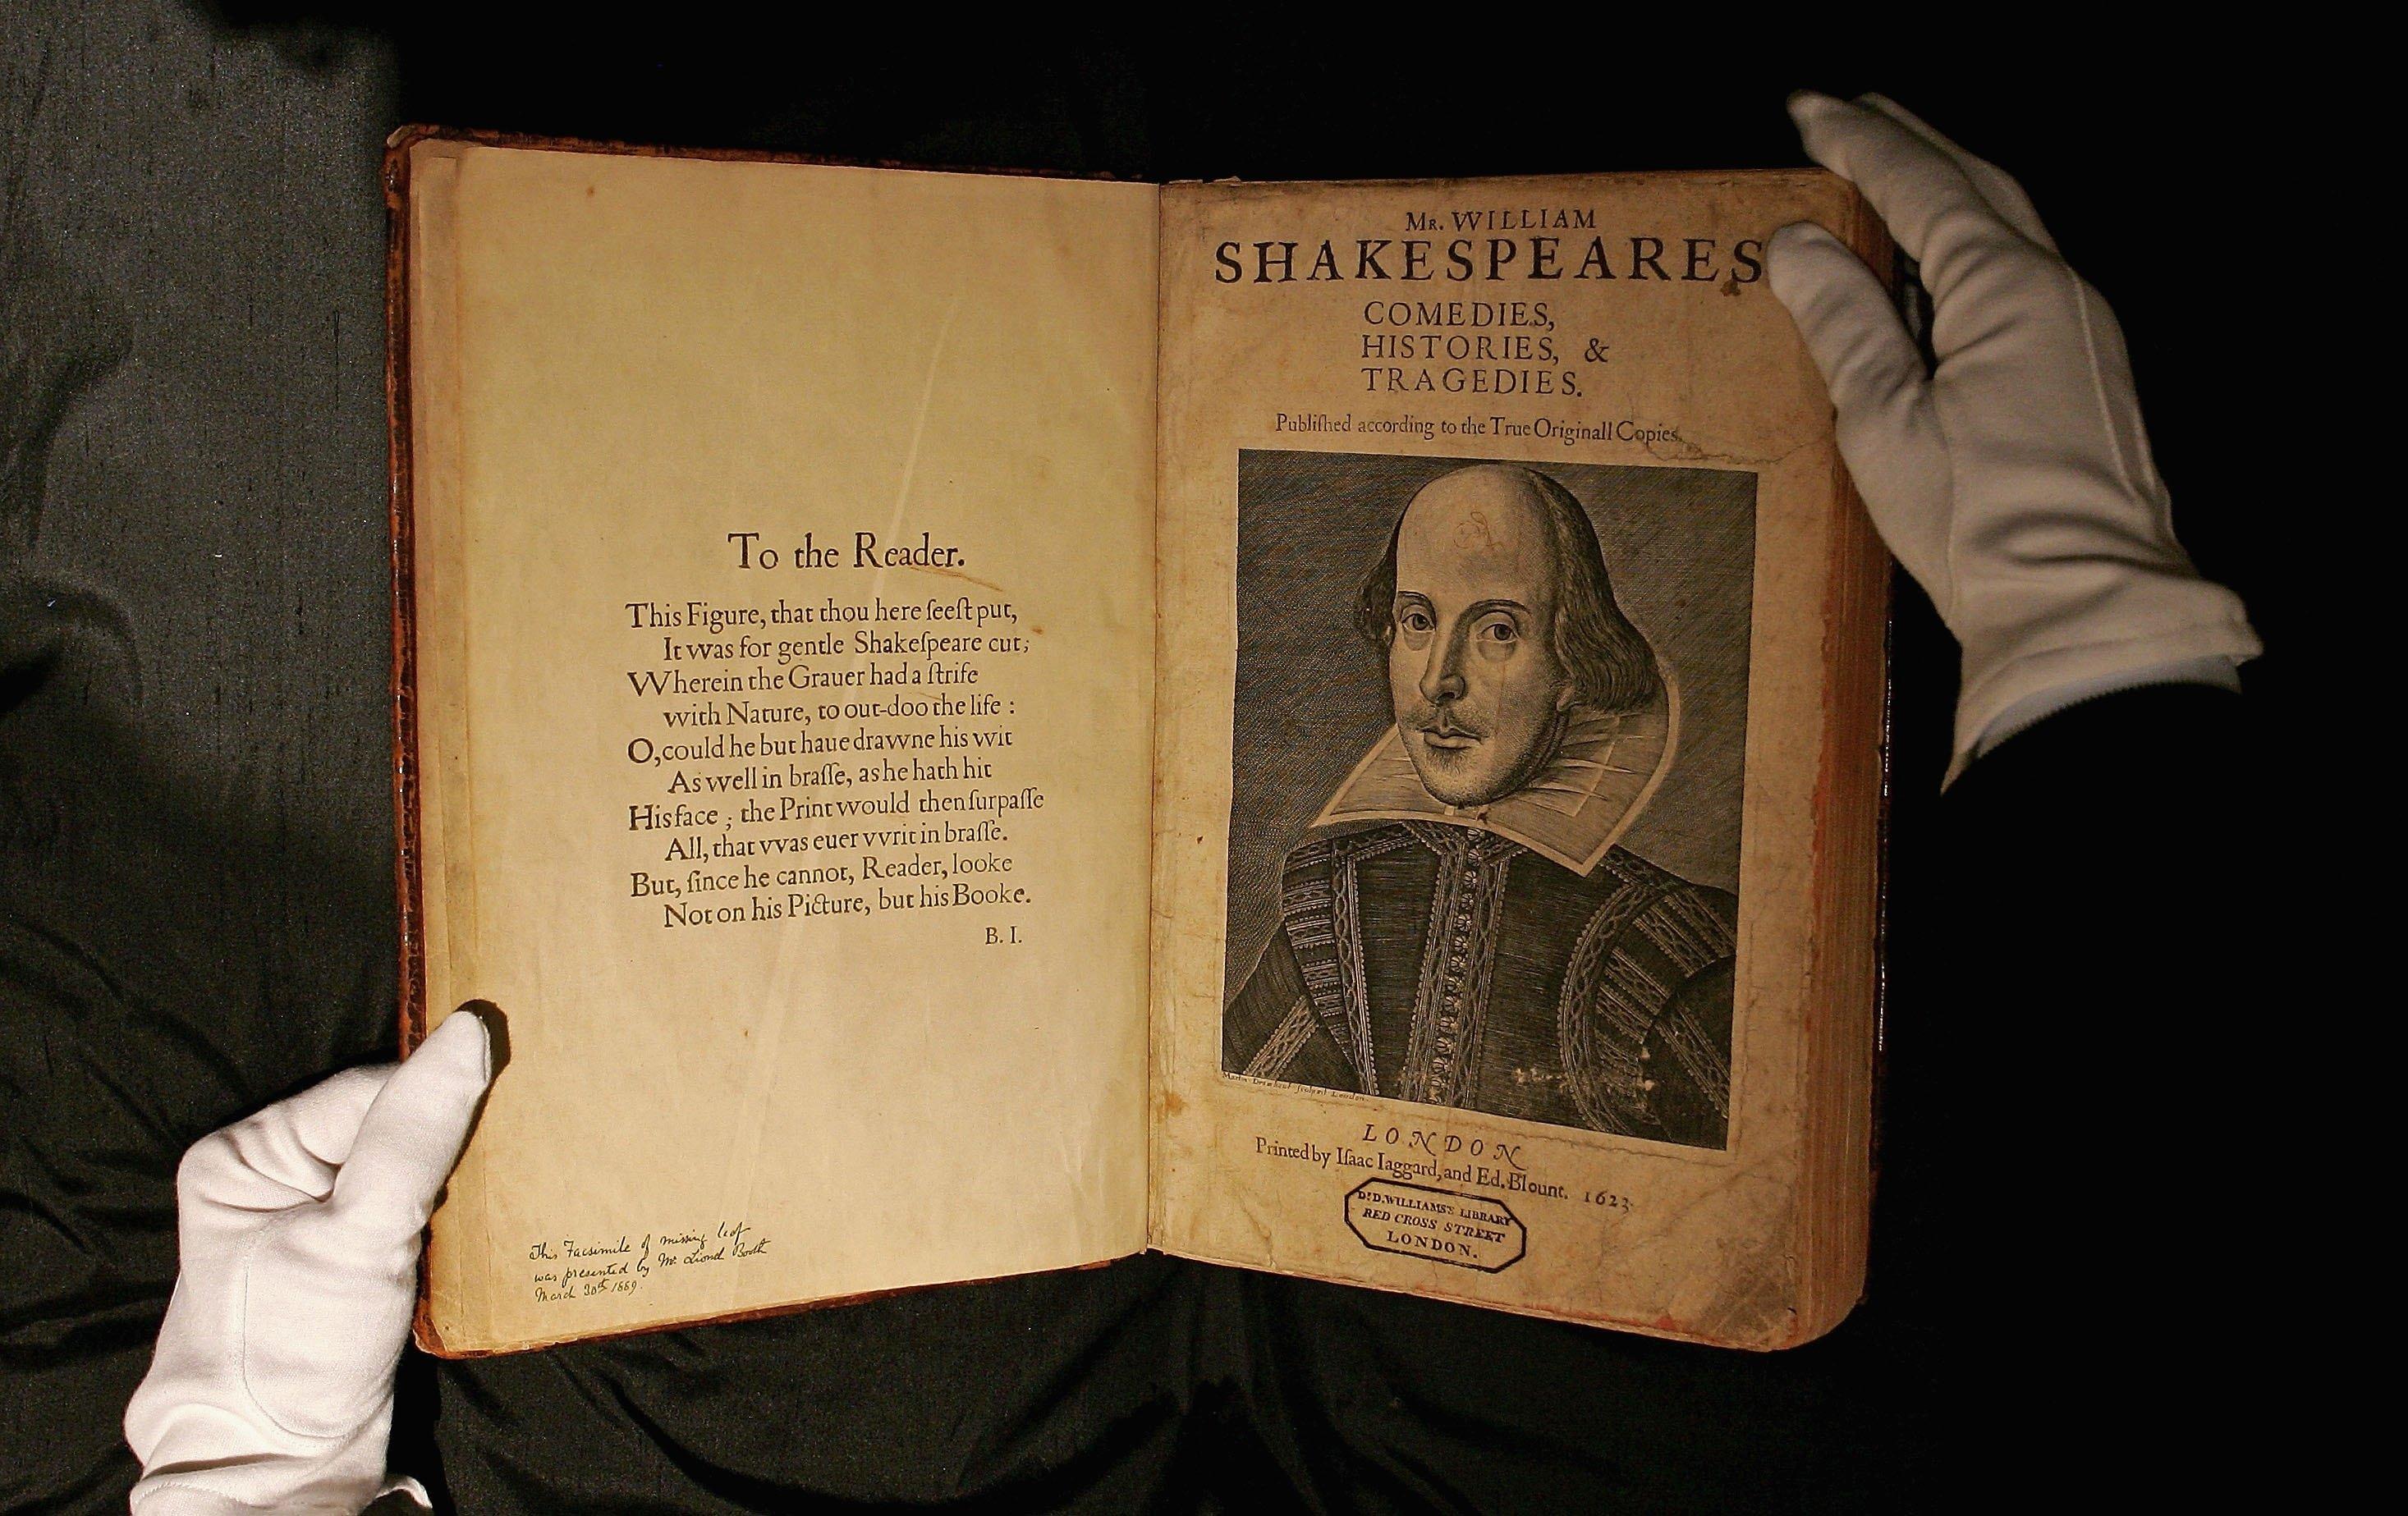 1623年,出版的「第一對開本」( The First Folio 1623)(Getty Images)